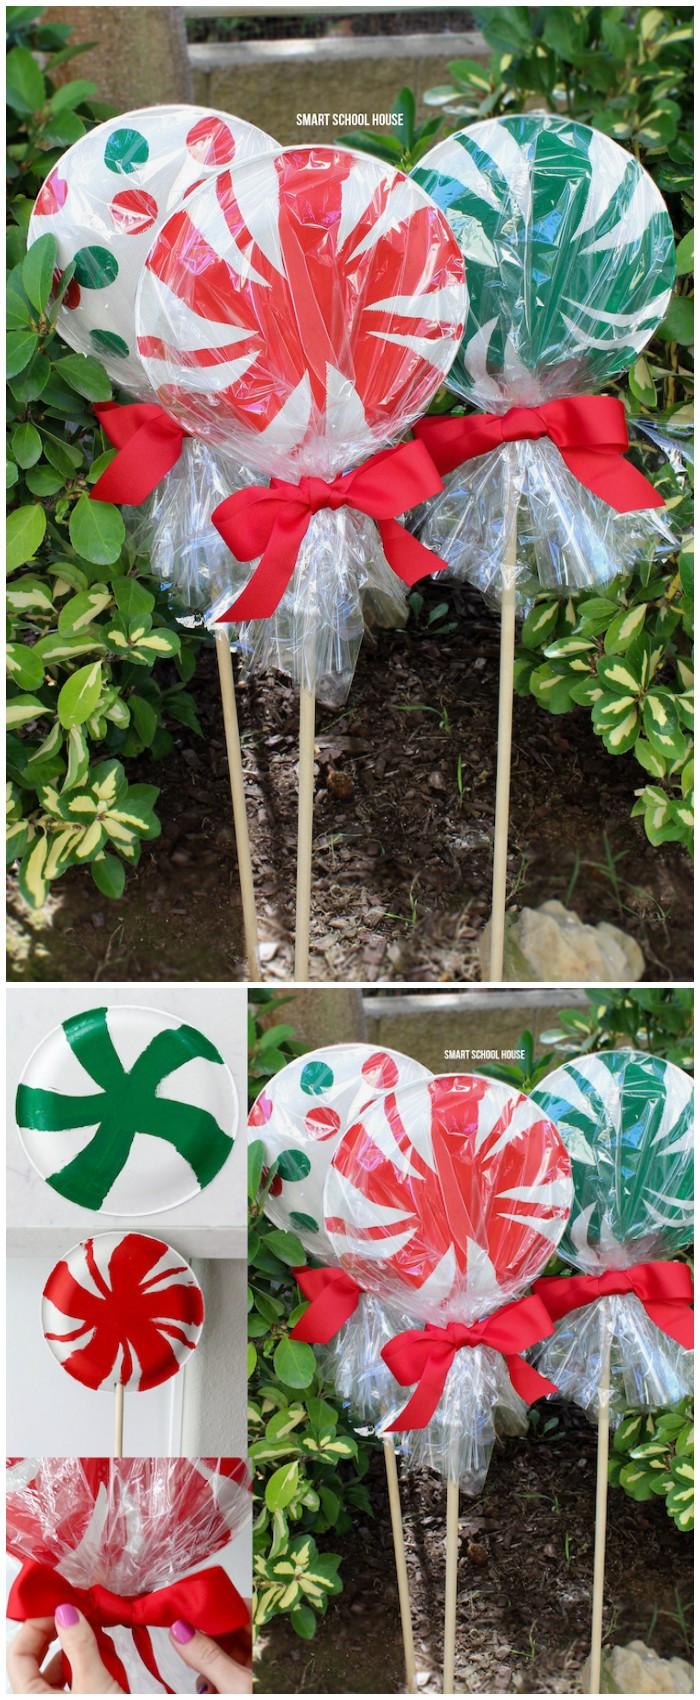 DIY Outdoor Art  21 Cheap DIY Outdoor Christmas Decorations • DIY Home Decor